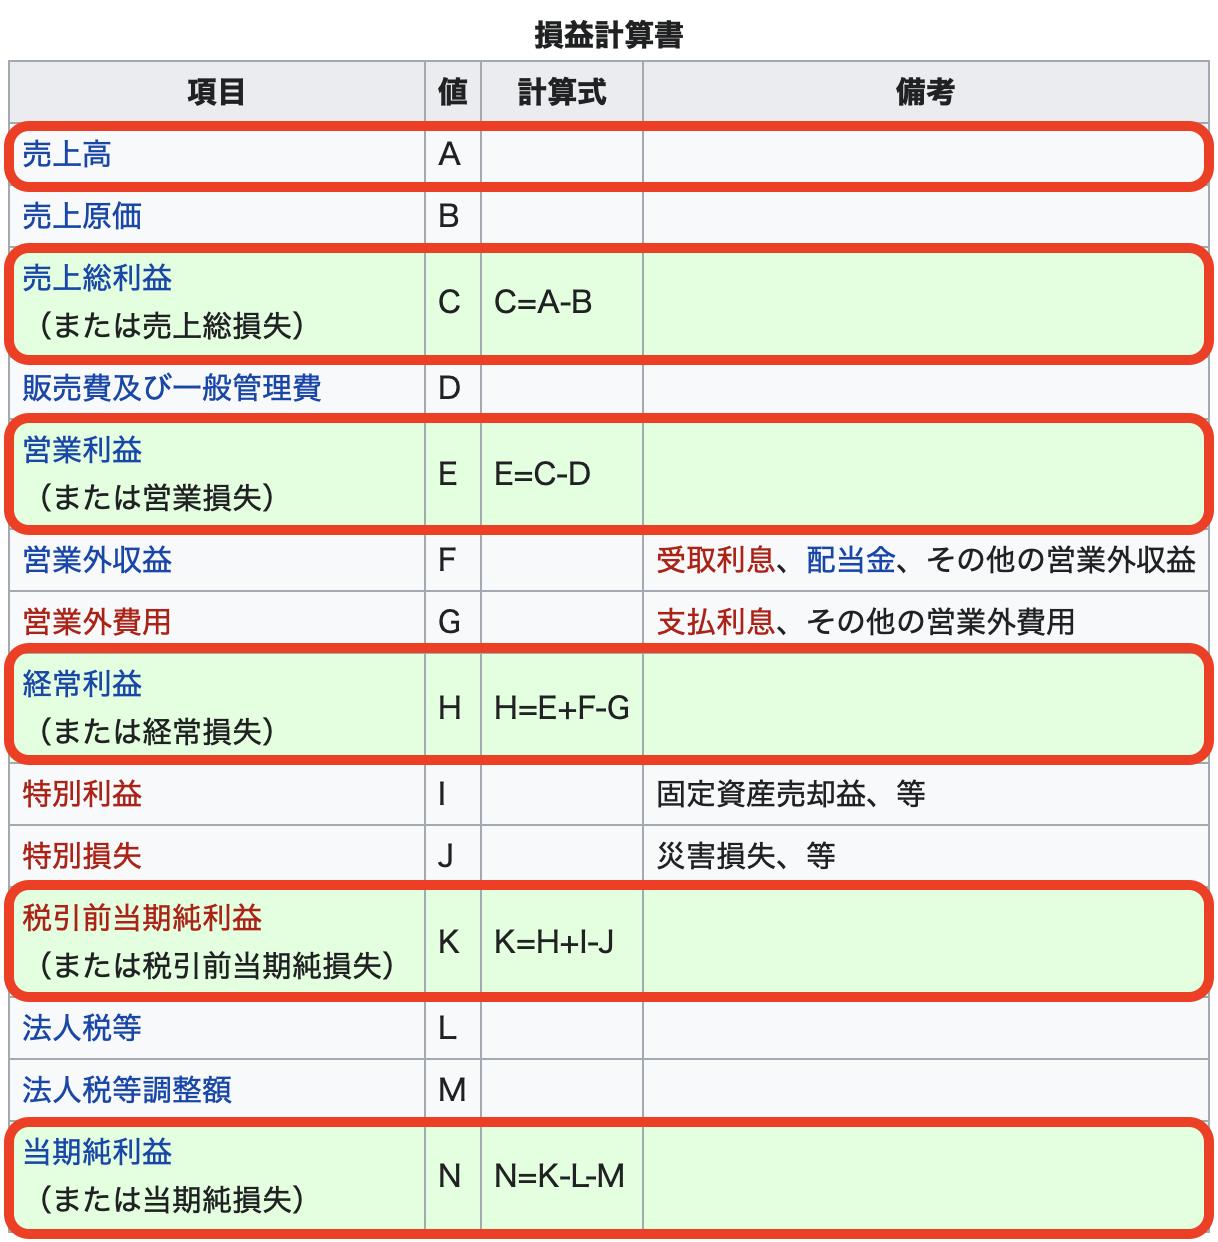 損益計算書(PL)の仕組みを徹底解説 ANA決算書を用いて